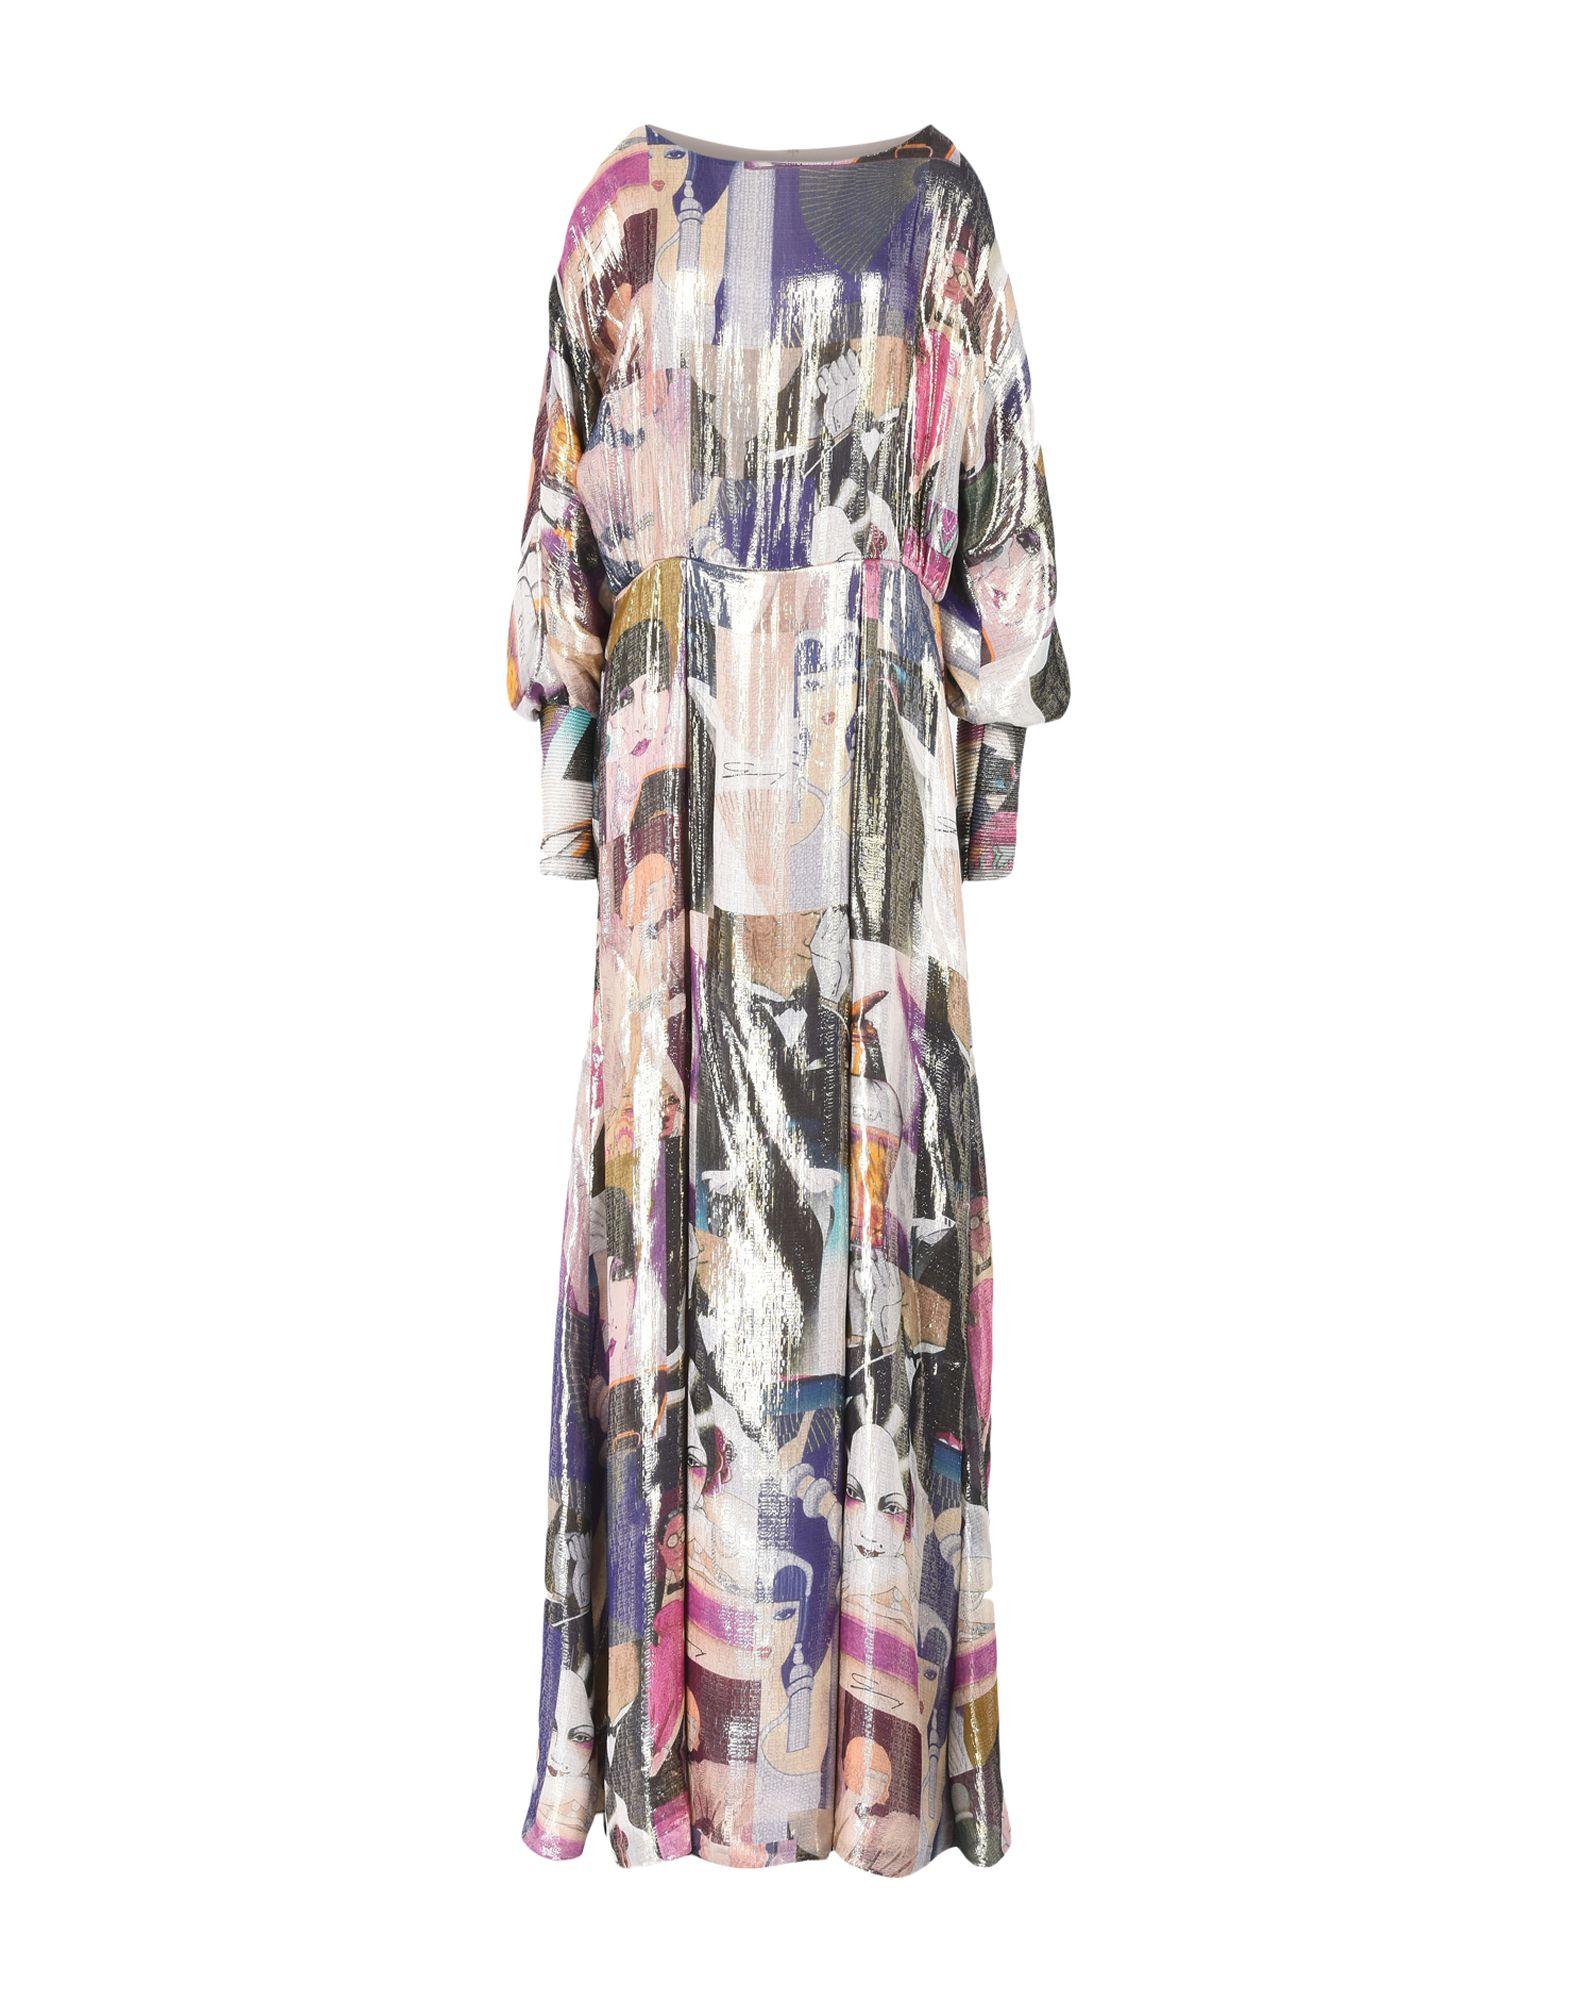 GENNY Длинное платье платье короткое спереди длинное сзади летнее